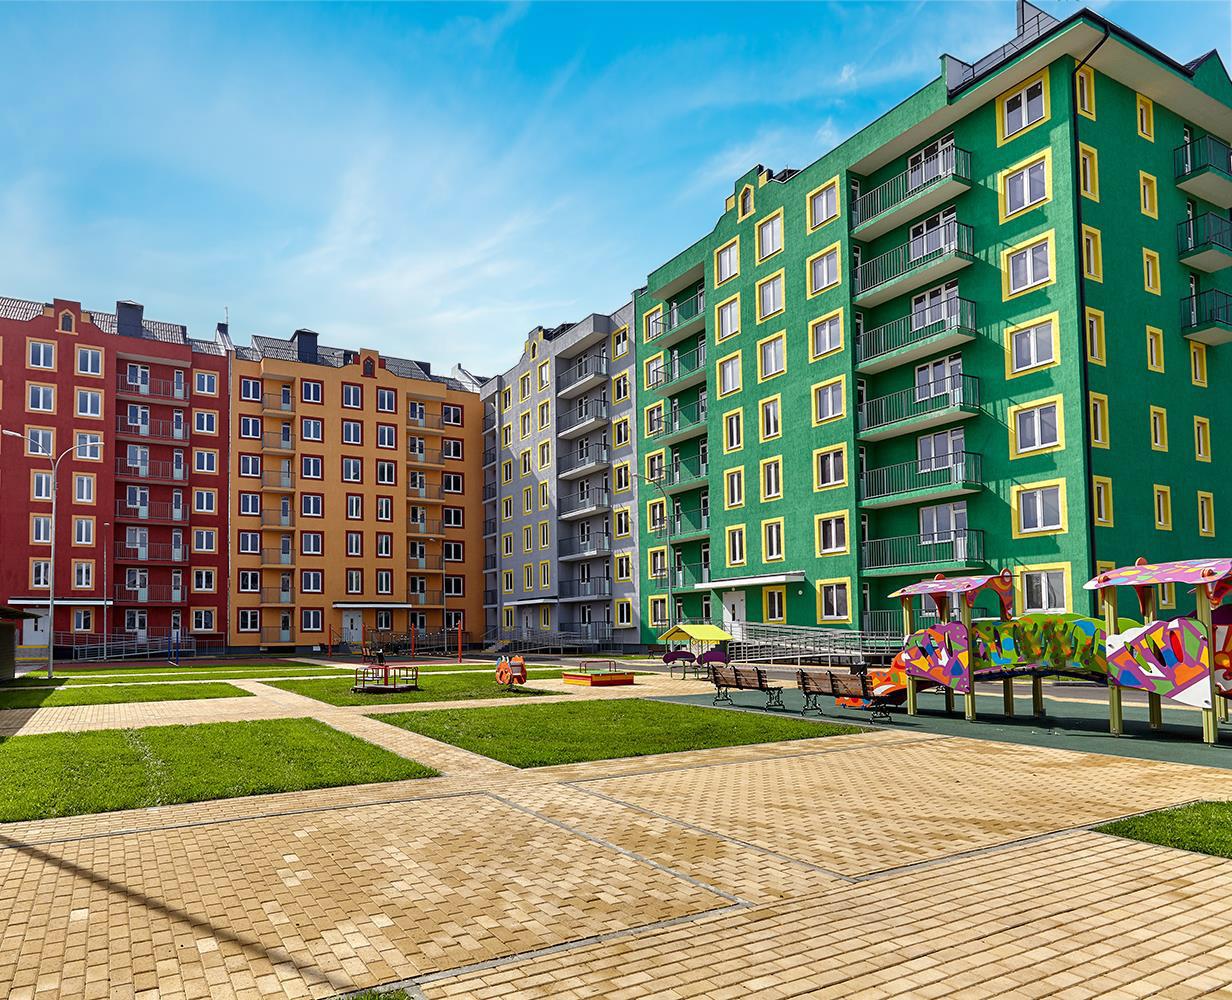 «Европа-Сити» — еще один проект ГК «Европея» в Краснодаре — состоит из разновысотных домов: в центре расположены девятиэтажные, а по периметру — семиэтажные дома. Между домами большие расстояния, что избавляет от эффекта «окно в окно». Фасады имеют нестандартное цветовое решение. У каждого дома — приватные зеленые «дворы без машин»